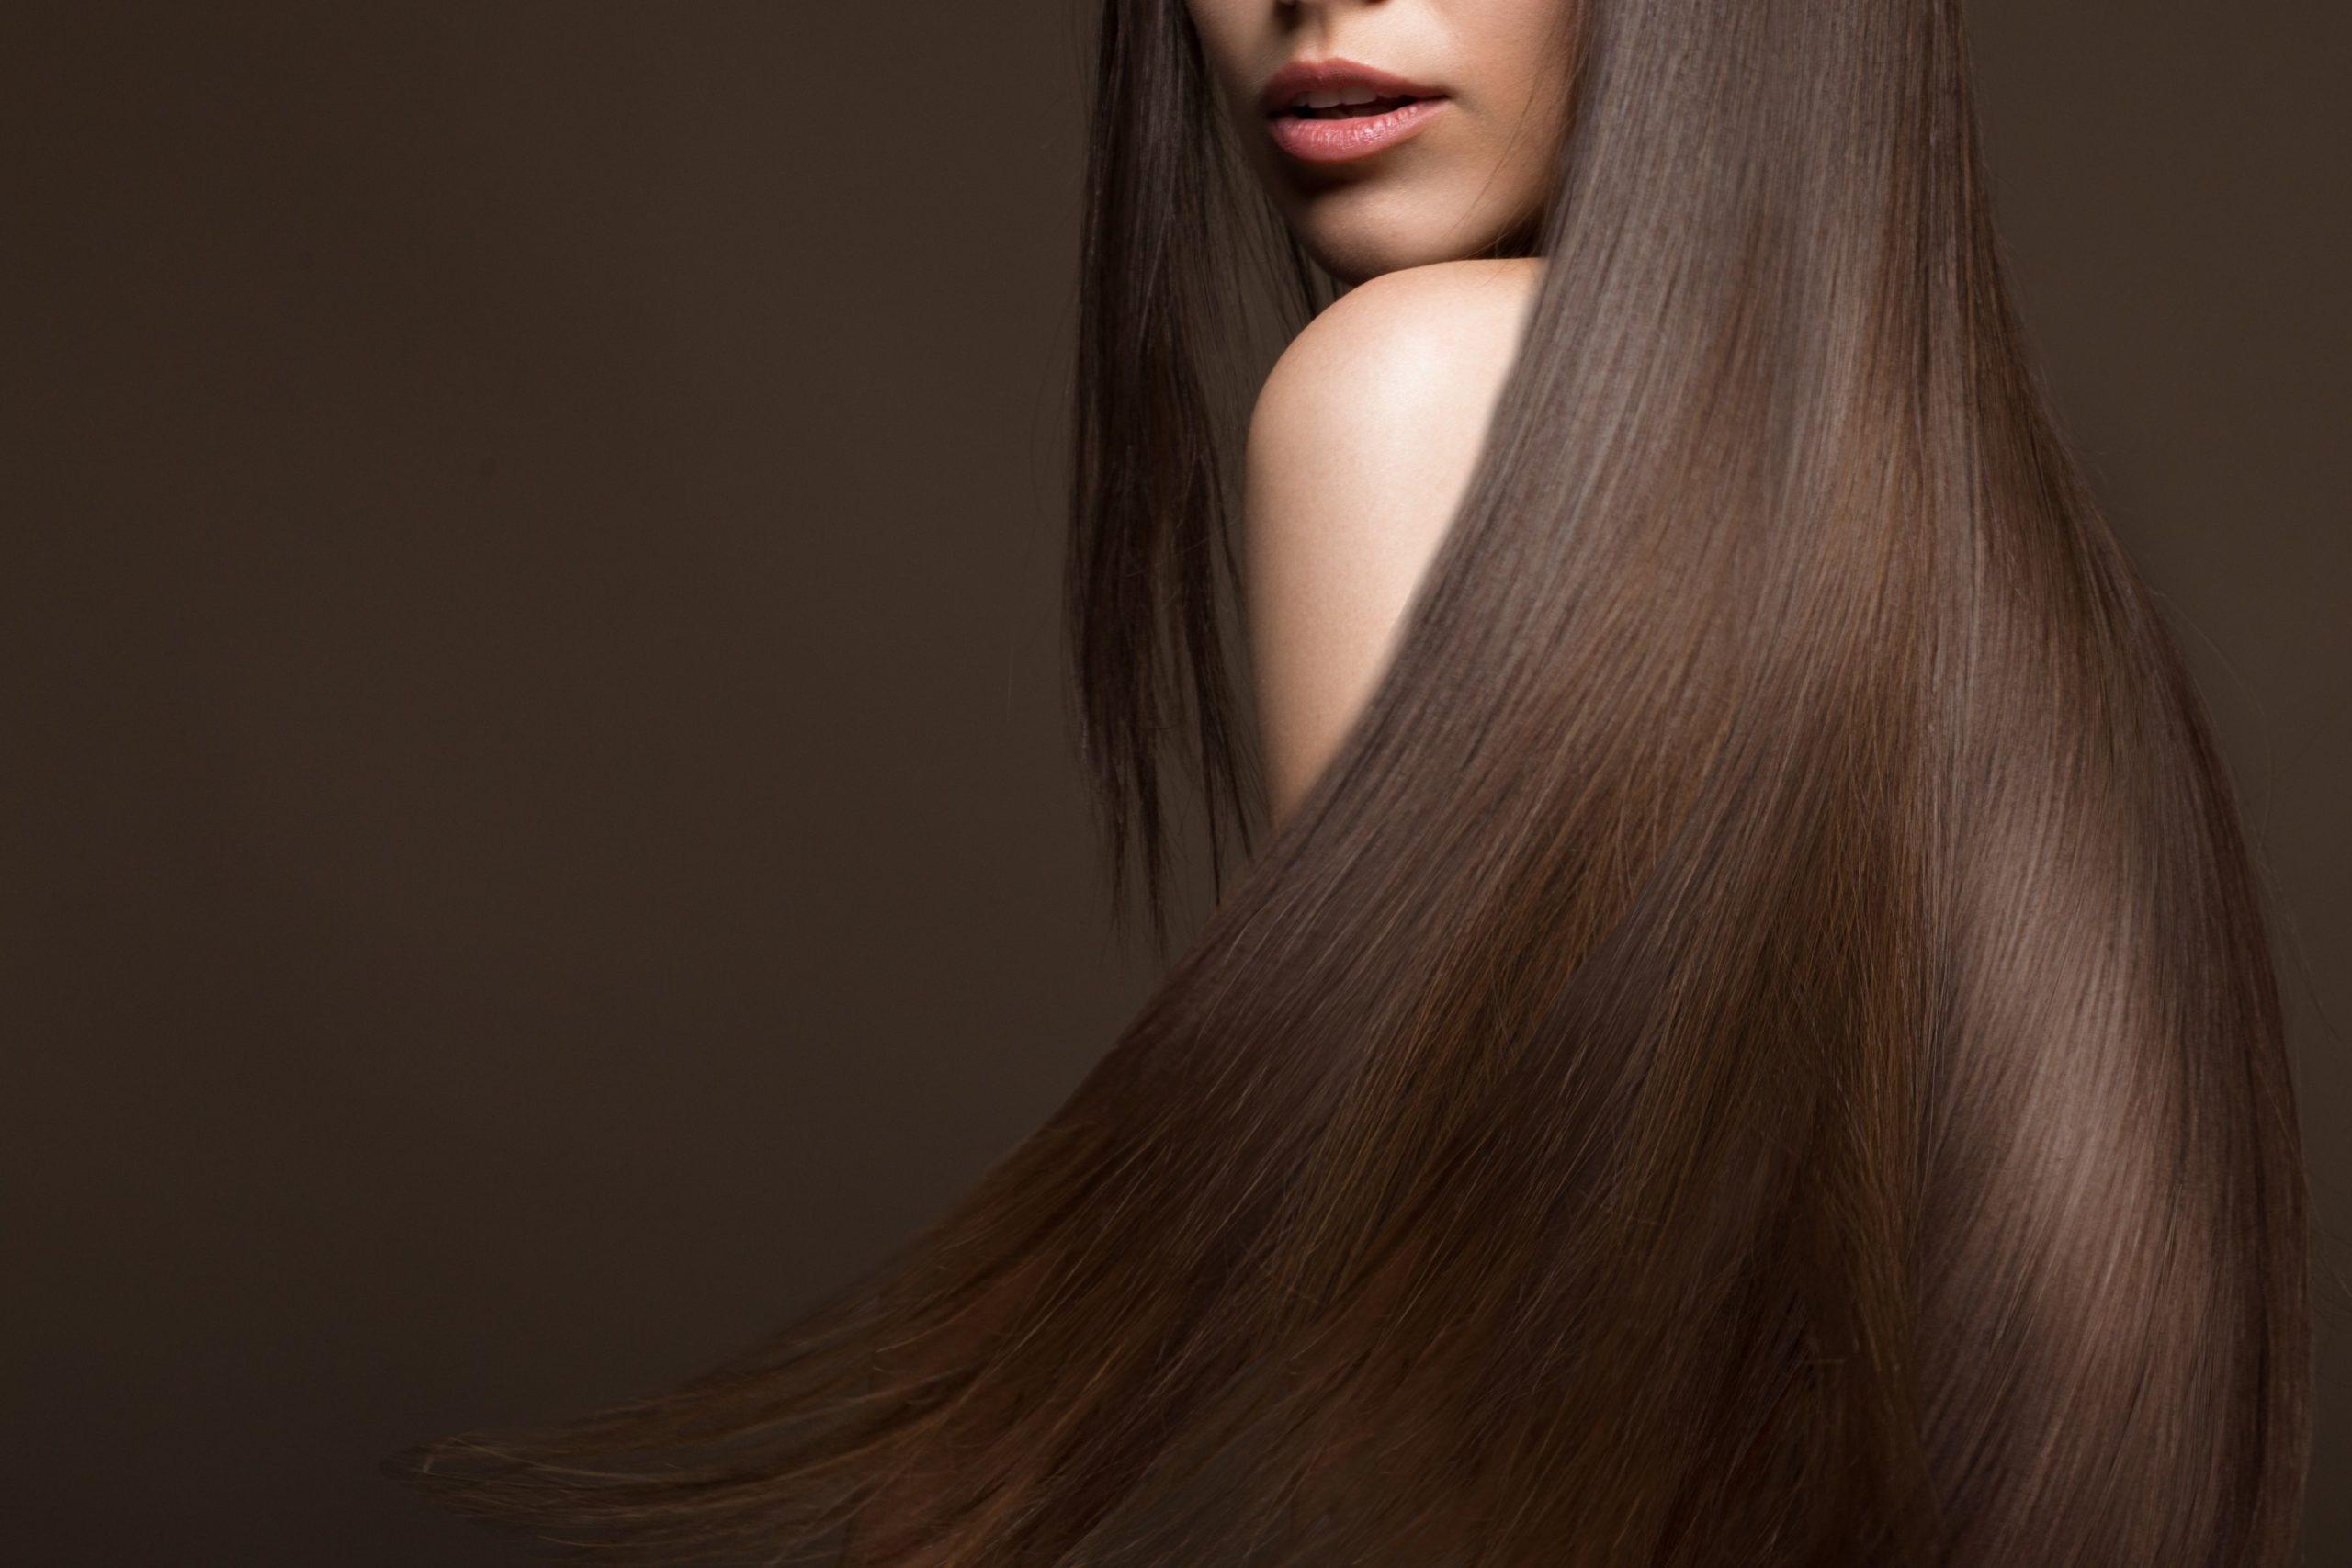 Фризерски салон треба да плати 230.000 евра поради погрешна фризура